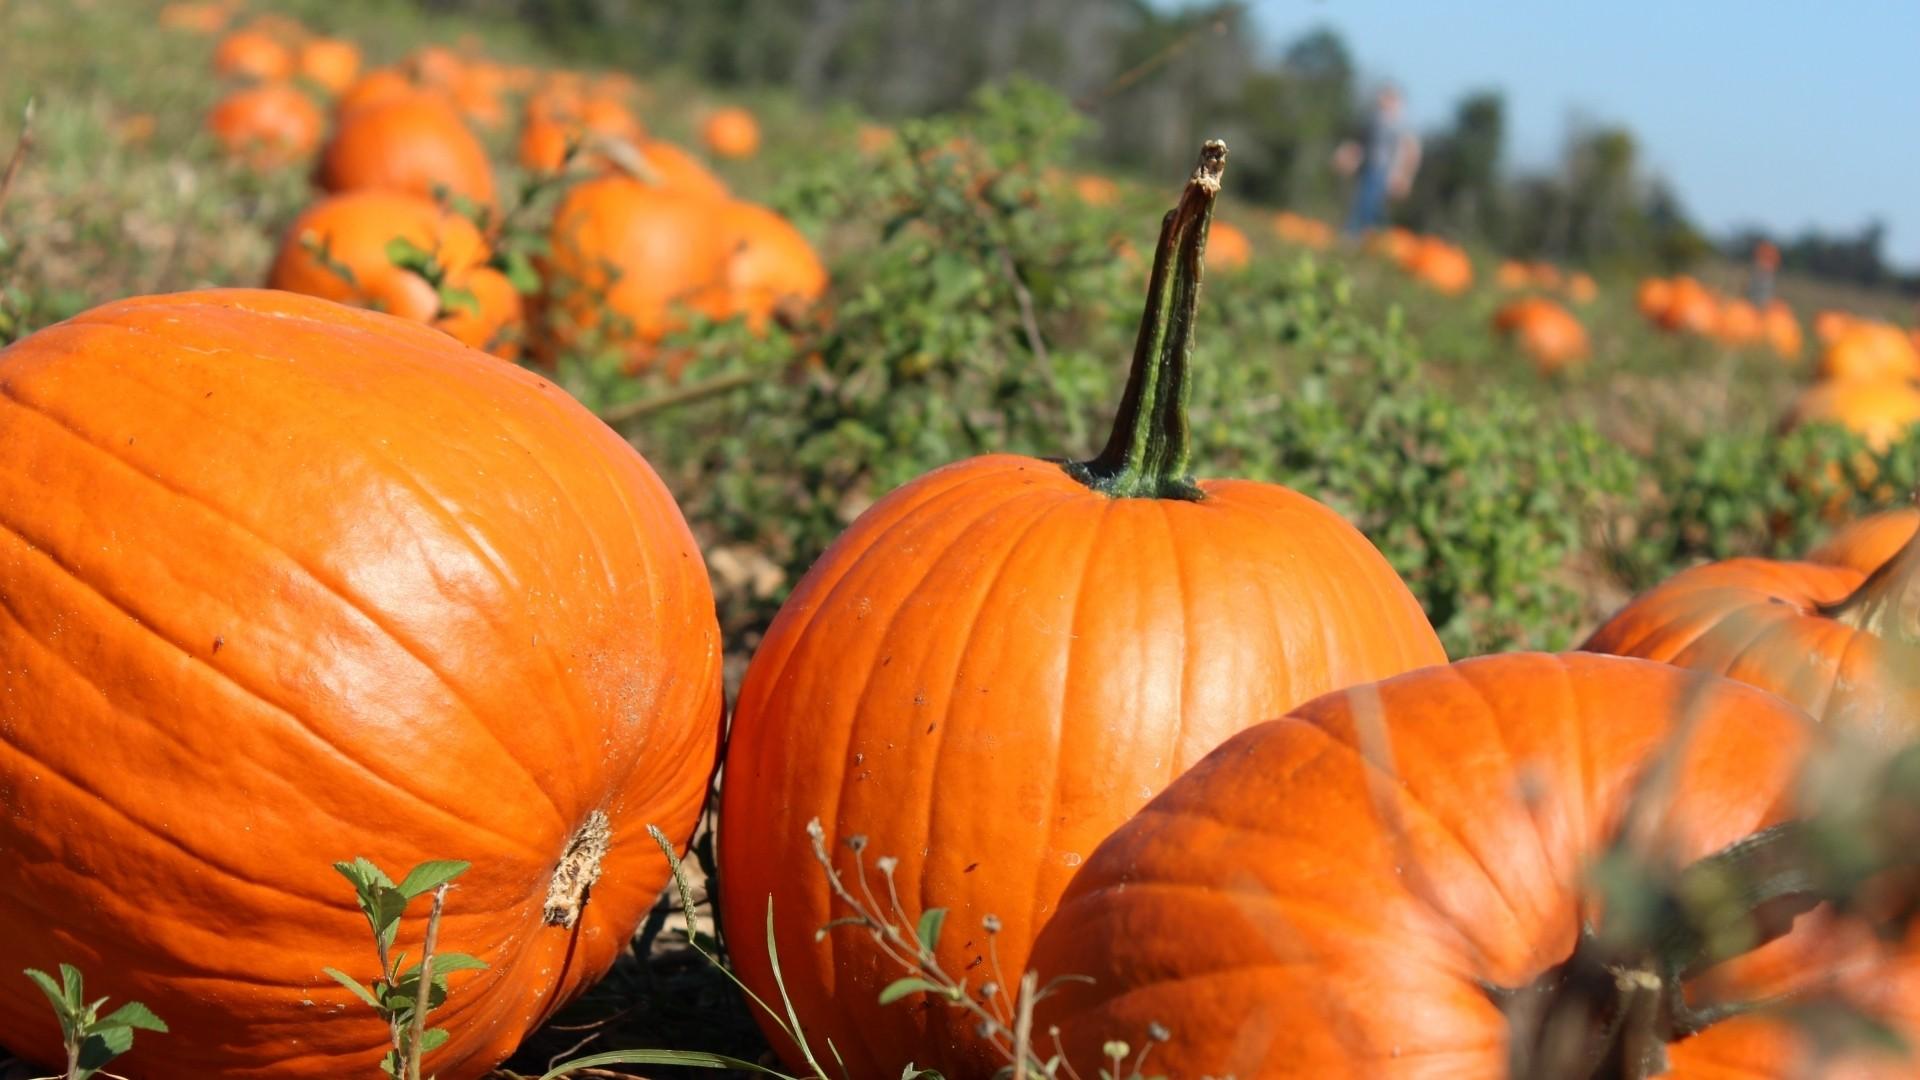 Pumpkin wallpaper photo hd